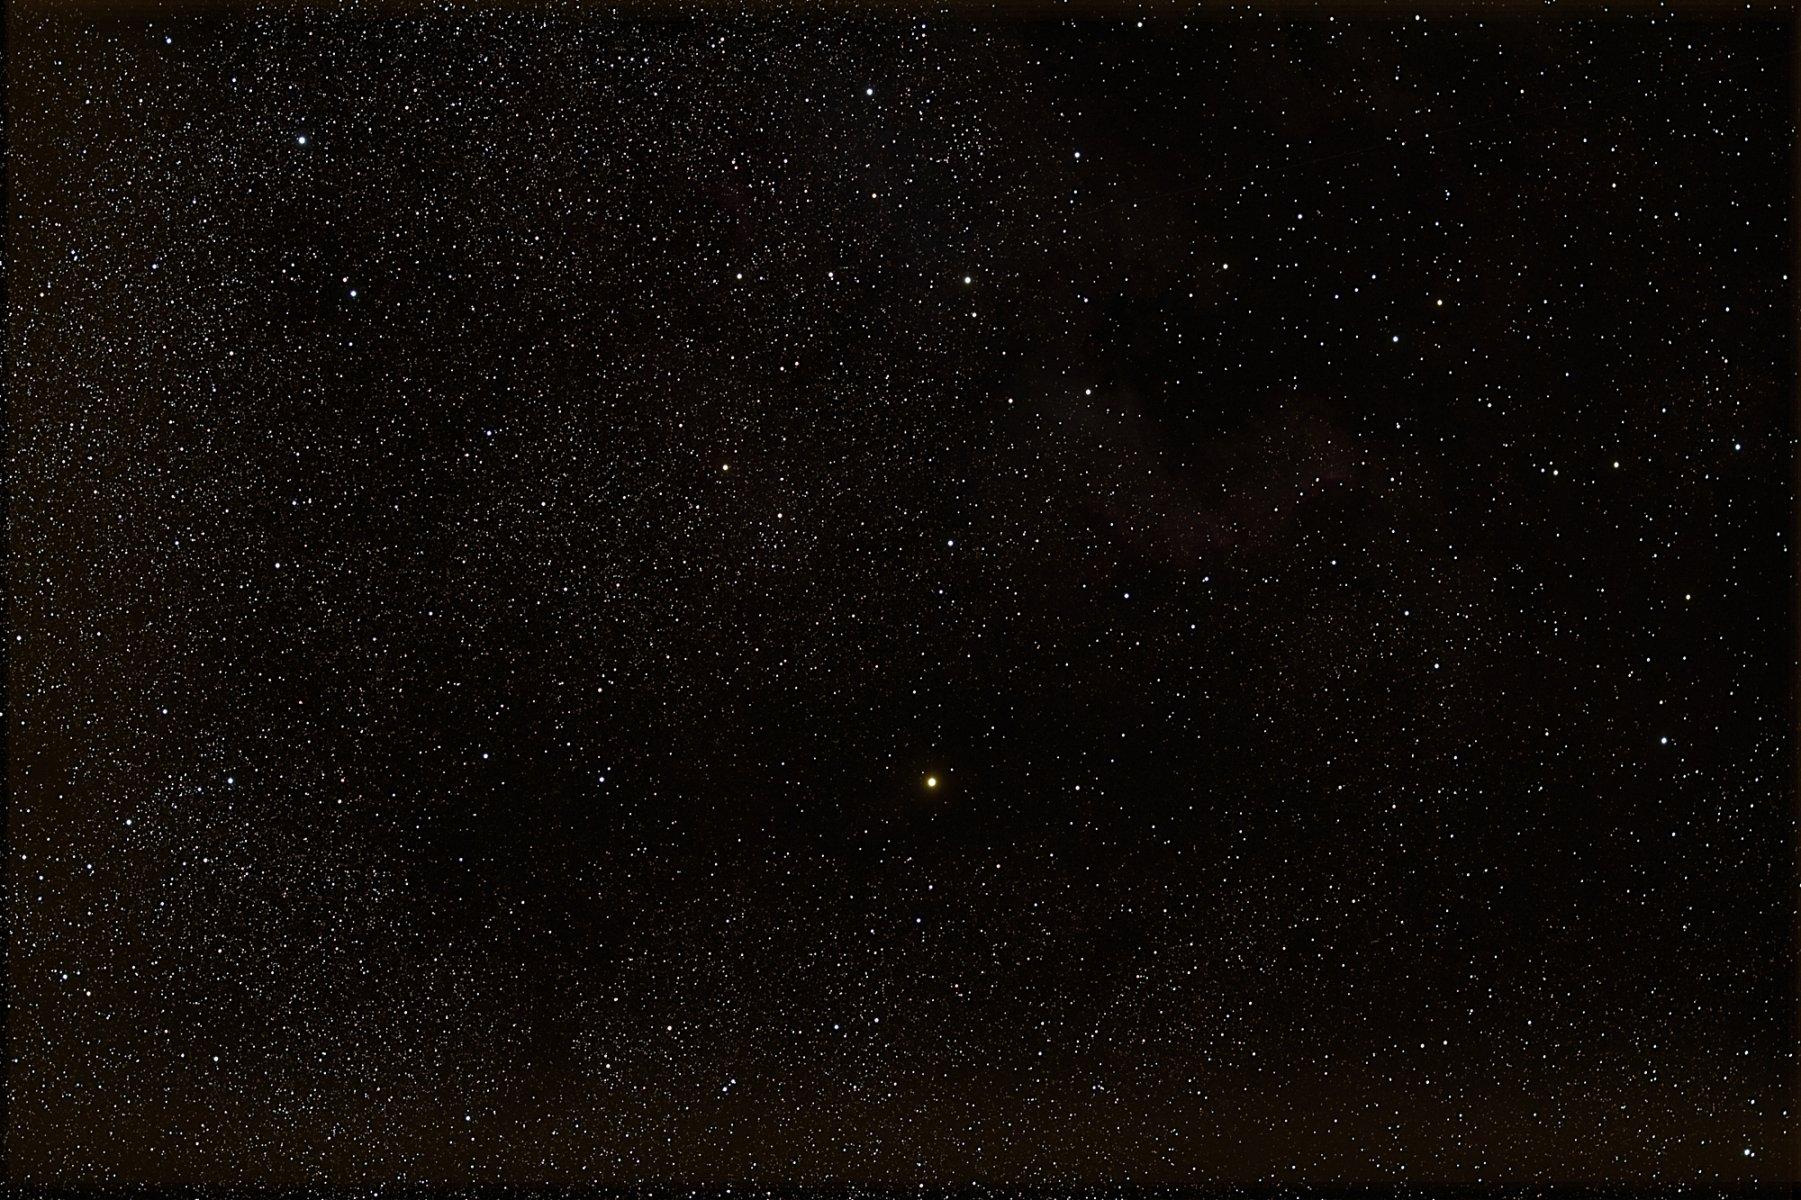 NGC7000-Seq-C1-V20.jpg